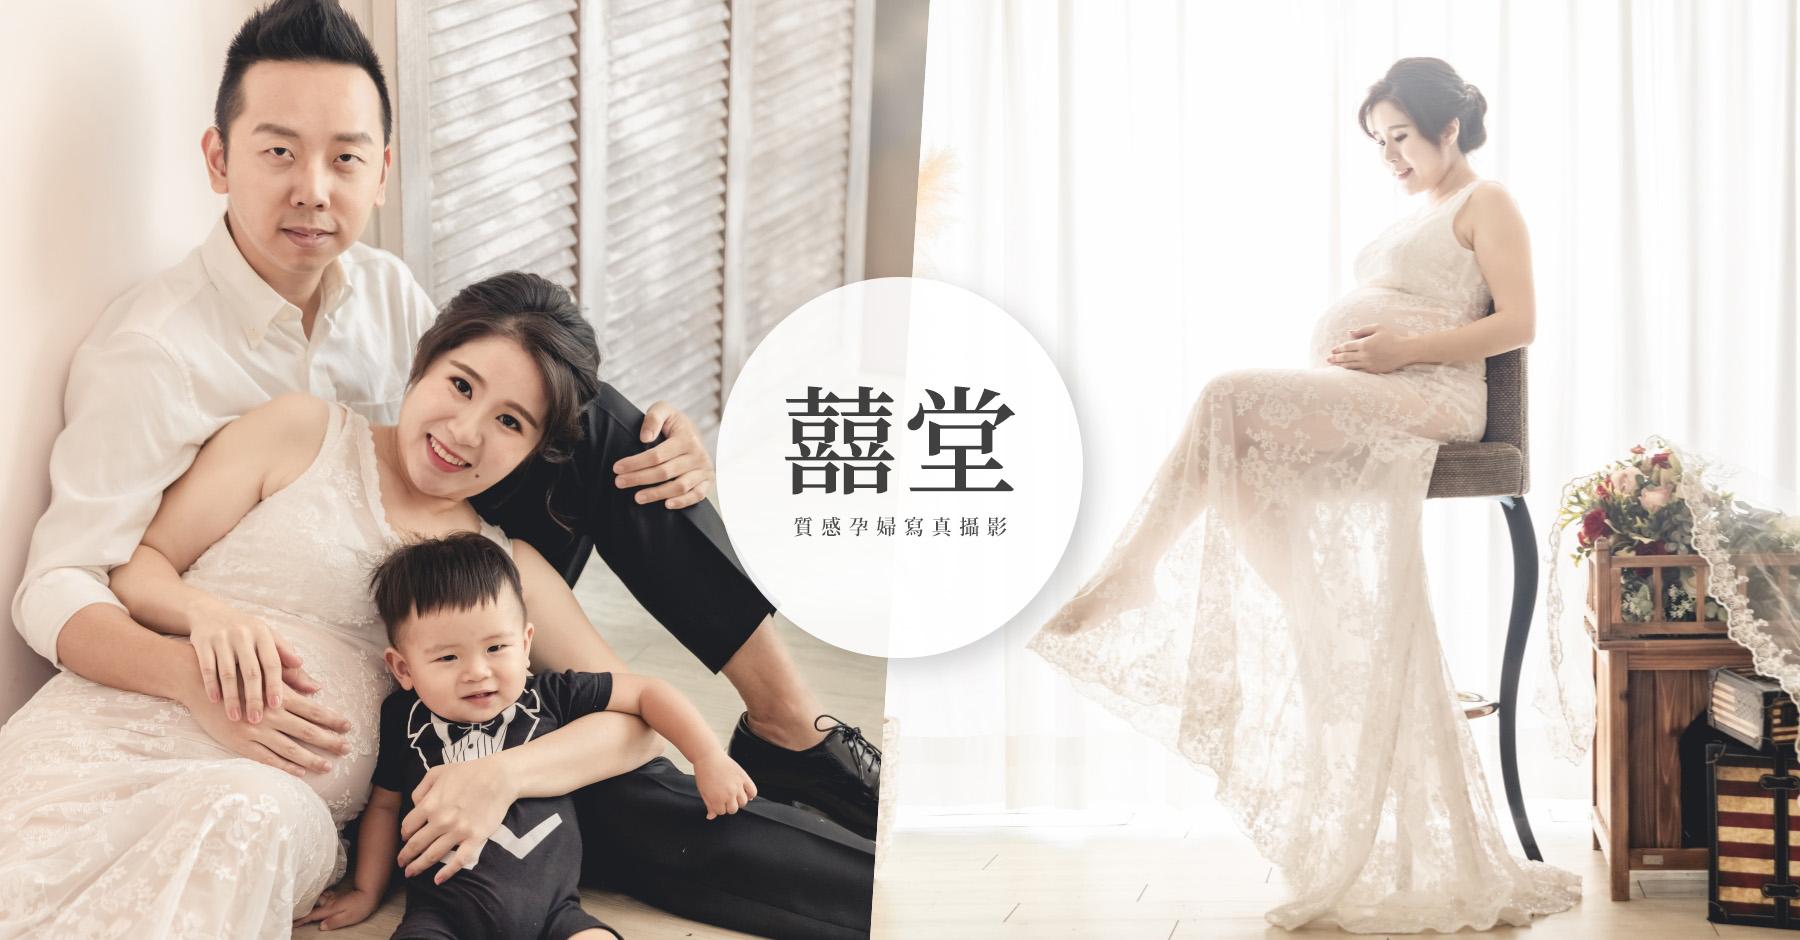 孕婦寫真拍攝心得|宜蘭囍堂婚設影|優雅質感風格服裝造型+週數價錢方案全攻略